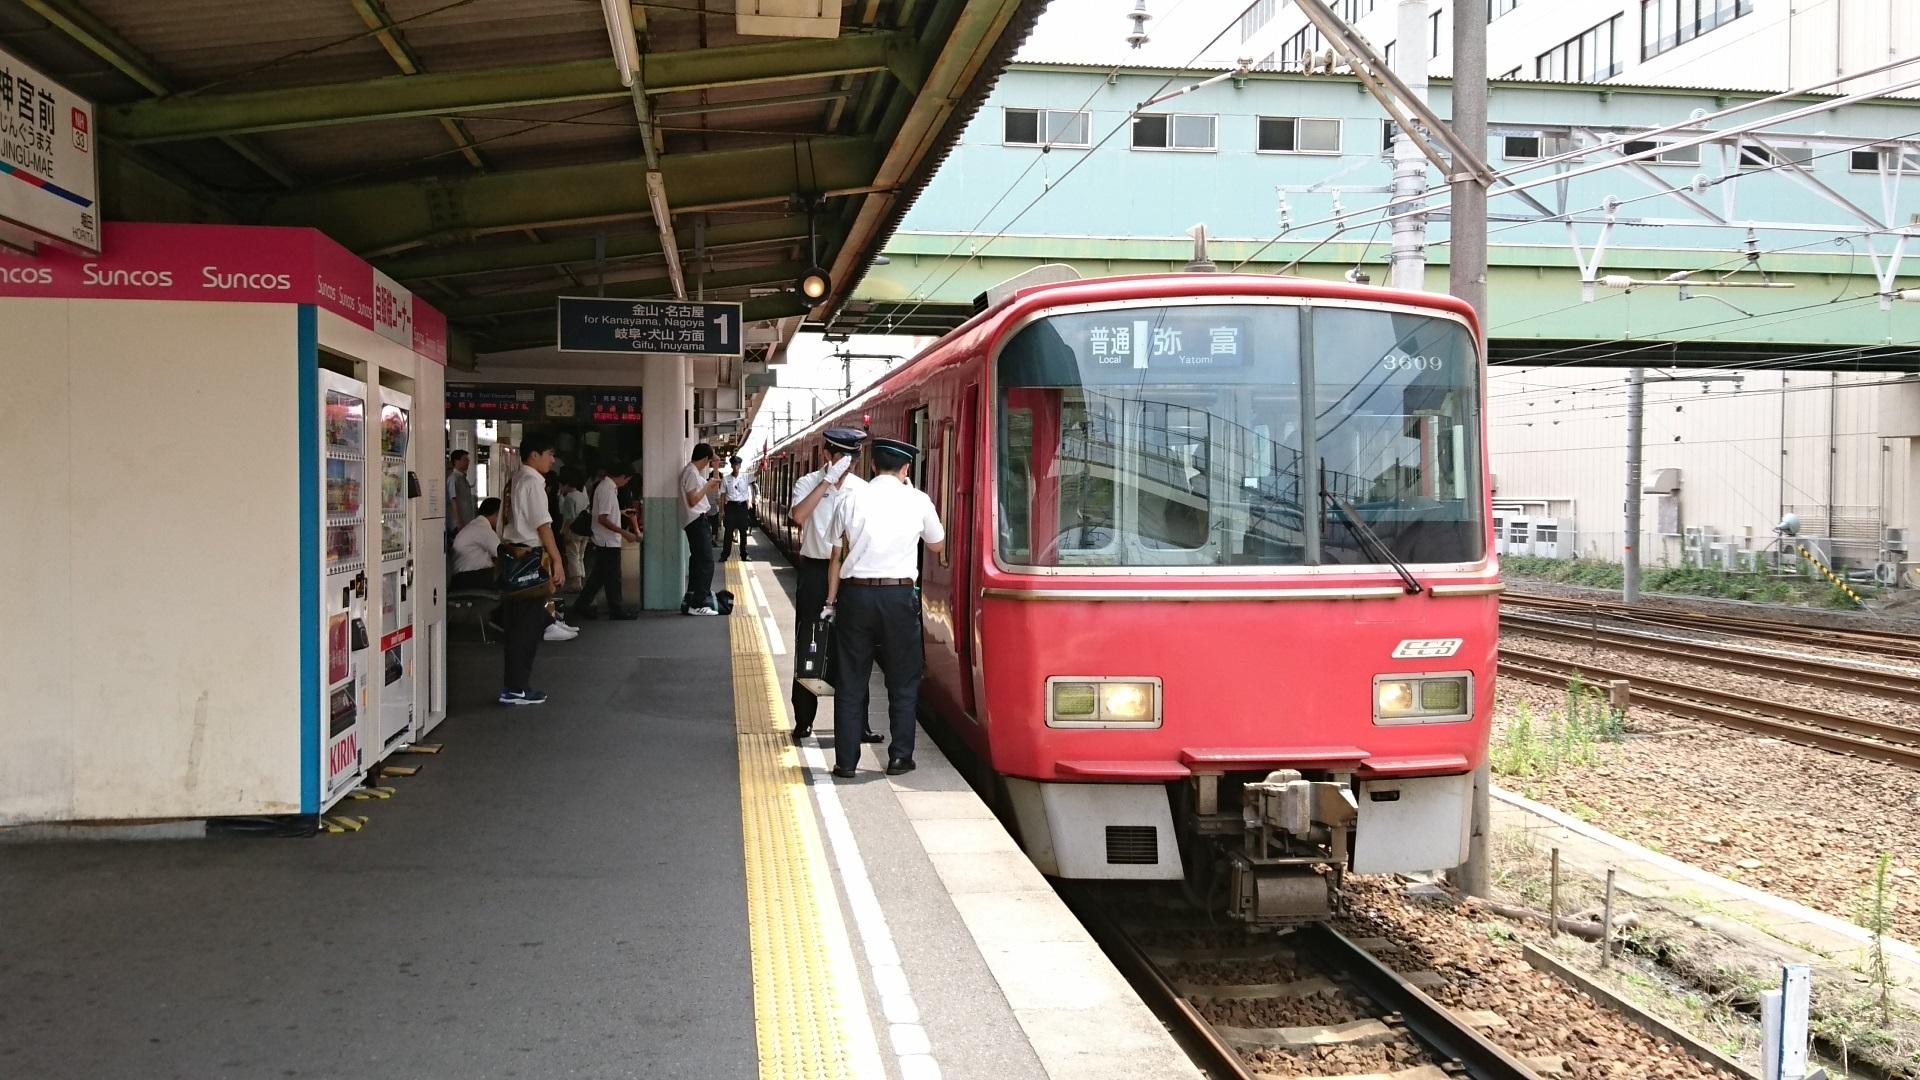 2017.7.13 名鉄 (28) 神宮前 - 弥富いきふつう 1920-1080